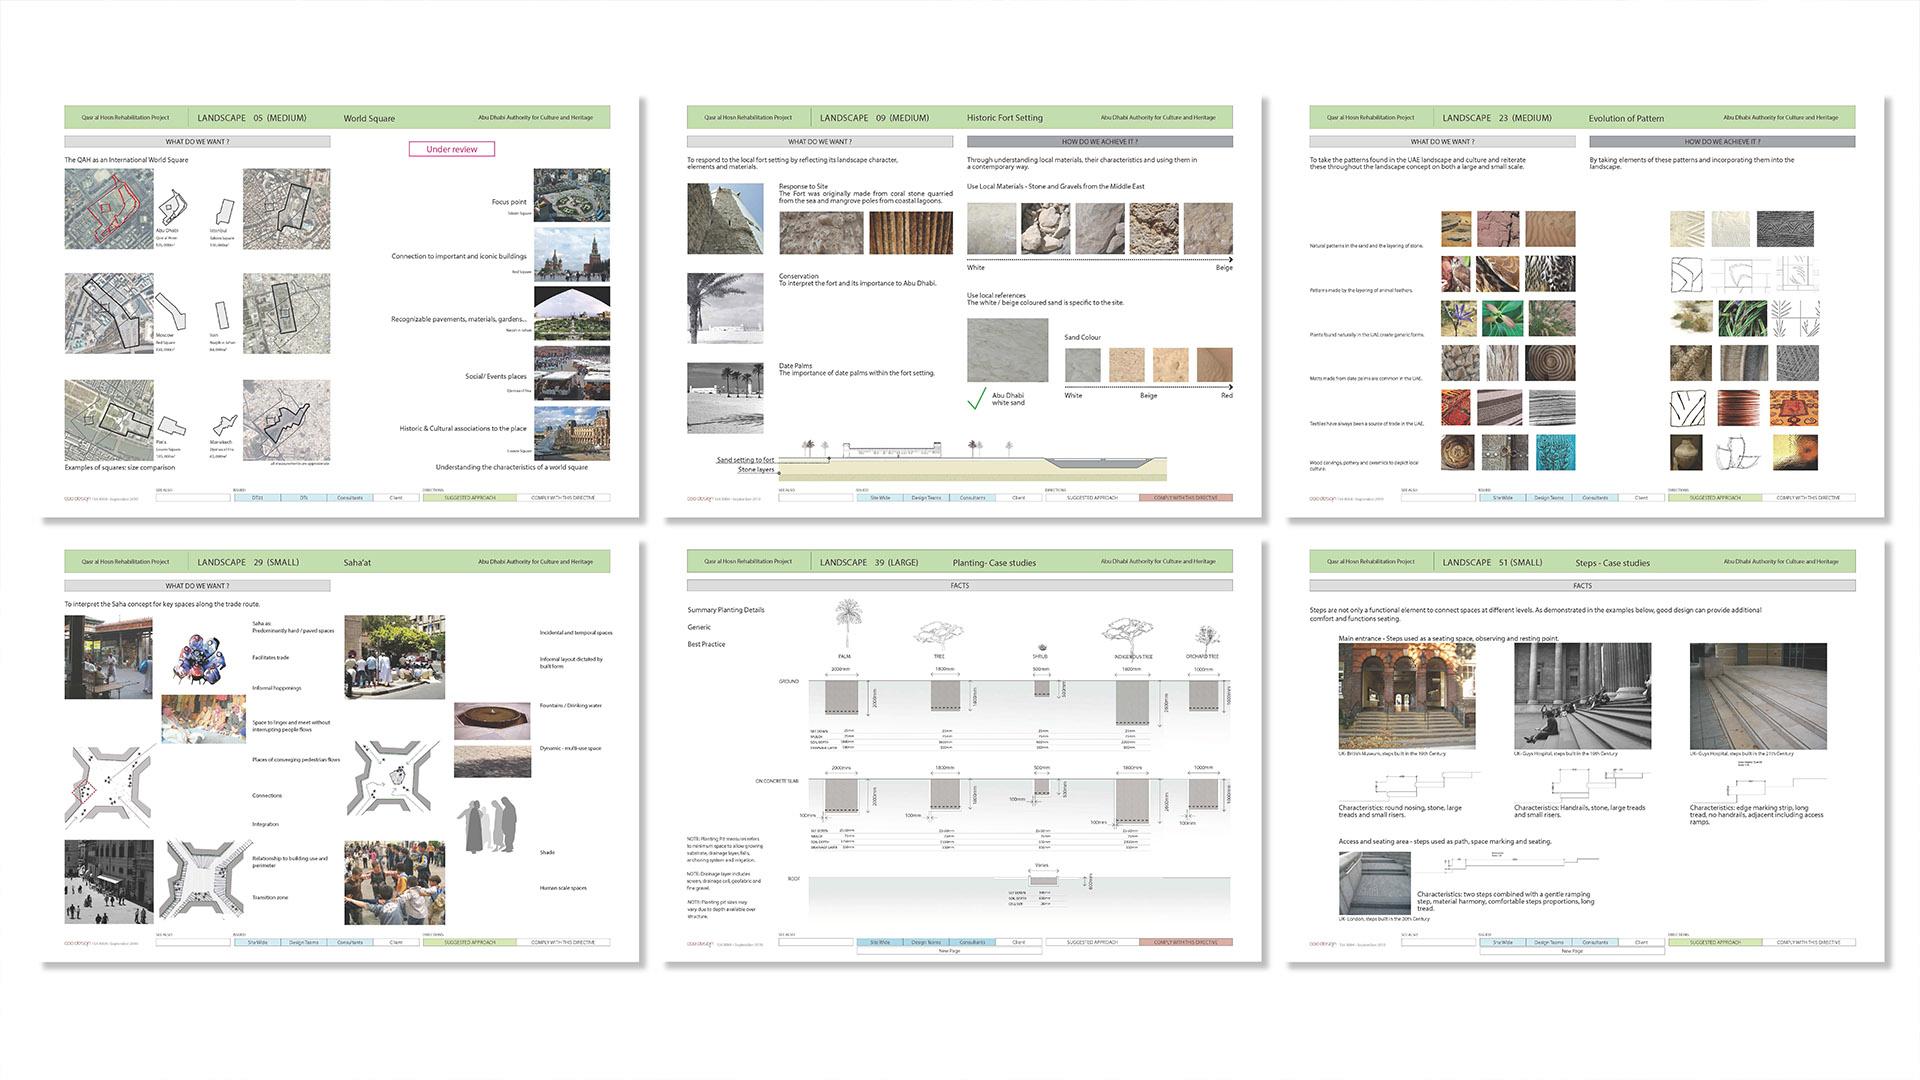 design guidelines for web1.jpg